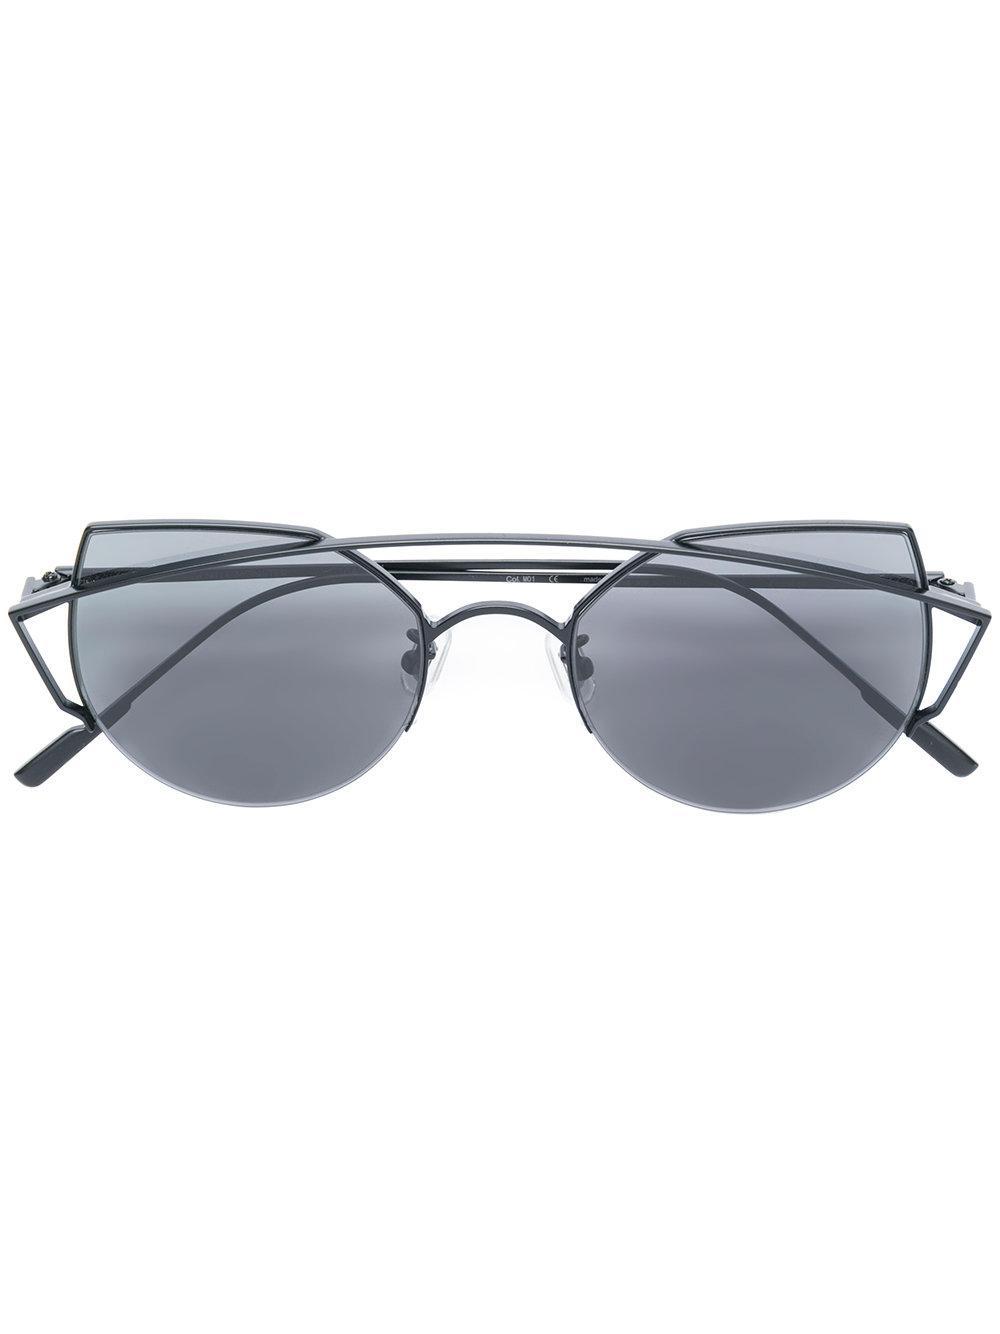 Gentle Monster Thinker Sunglasses - Black